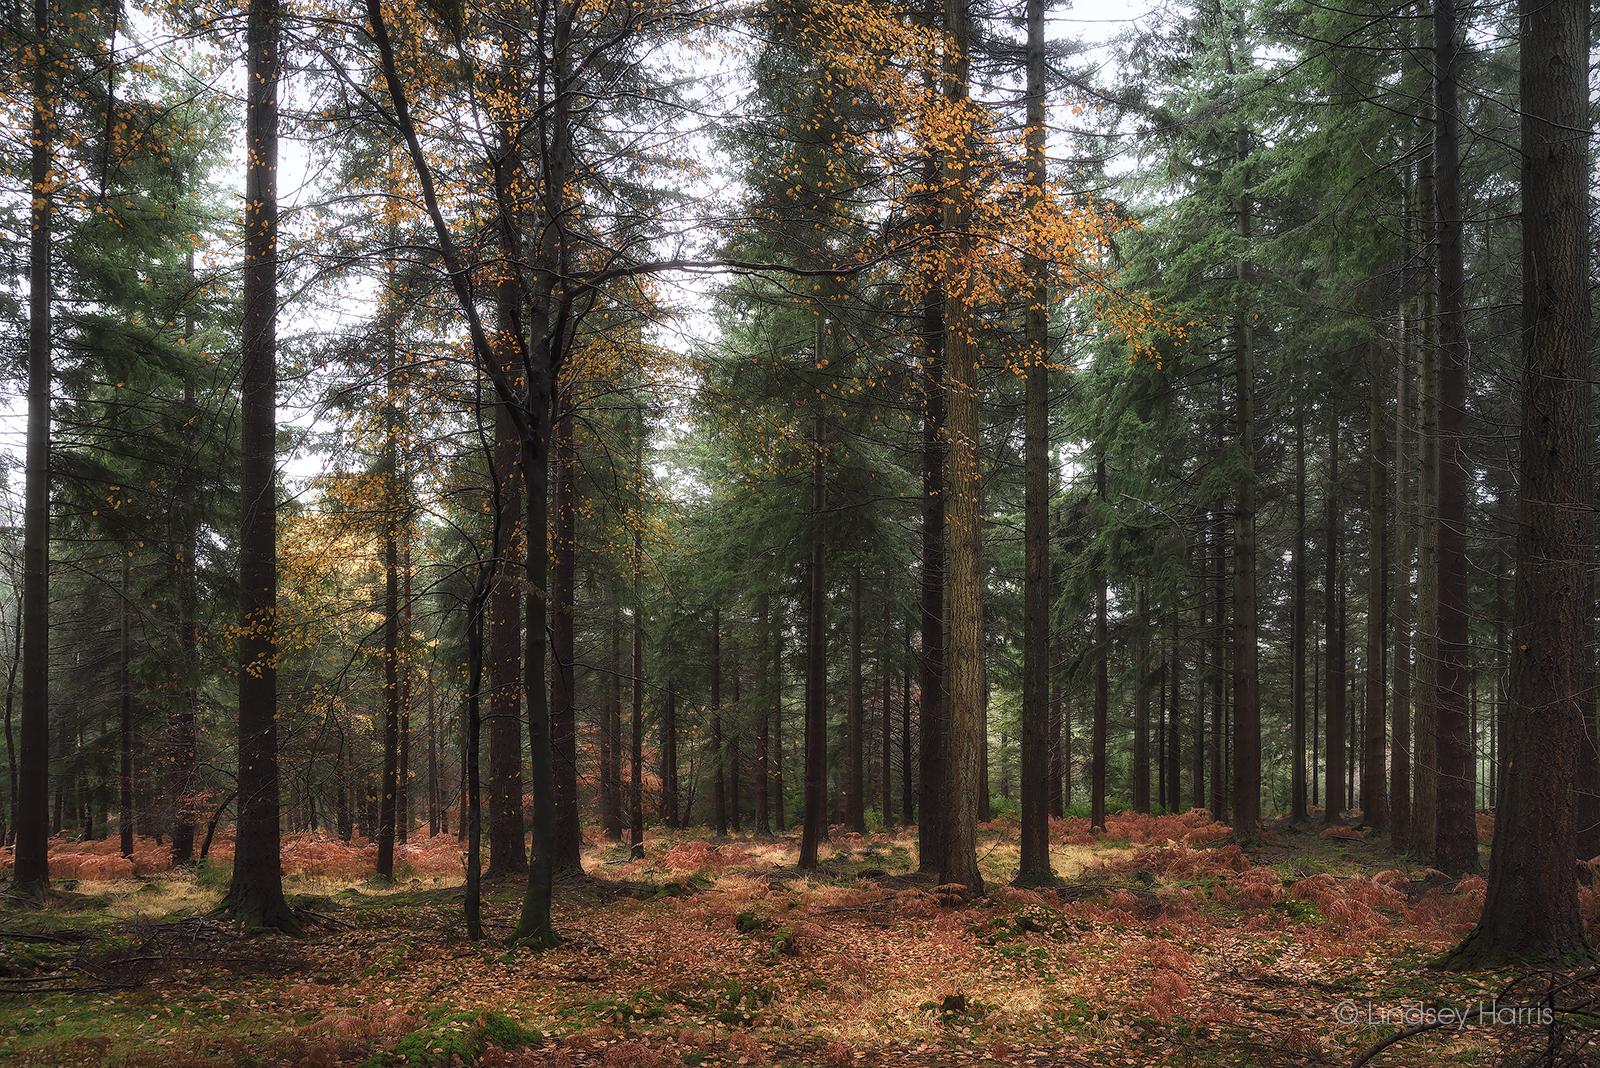 Autumn New Forest, Hampshire, UK